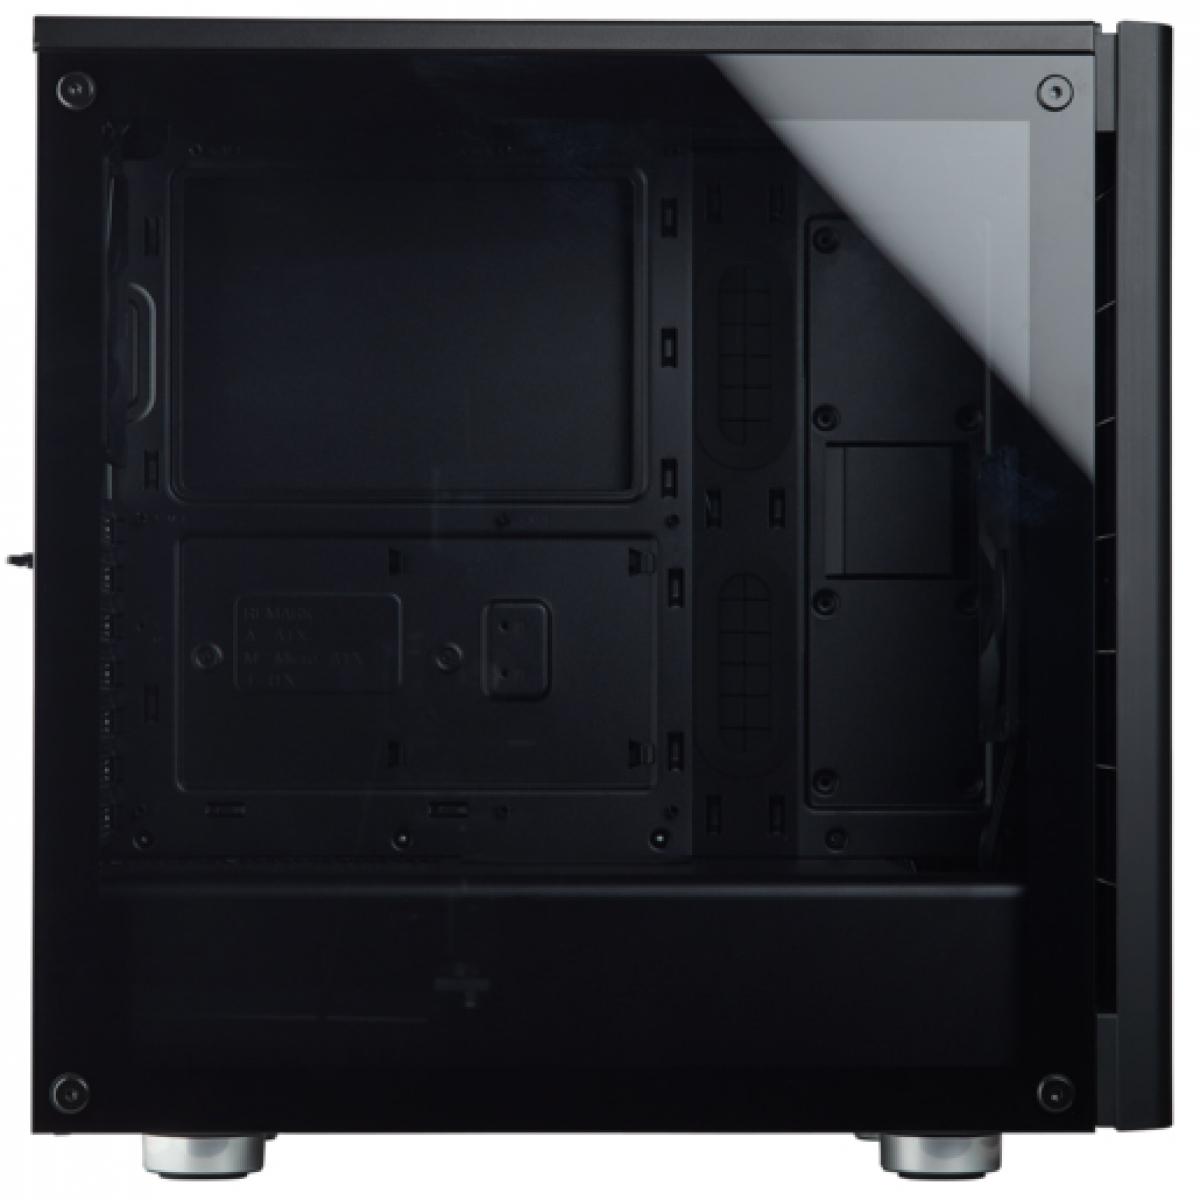 Gabinete Gamer Corsair Carbide 275R, Mid Tower, Com 2 Fans, Vidro Temperado, Black, Sem Fonte, CC-9011132-WW